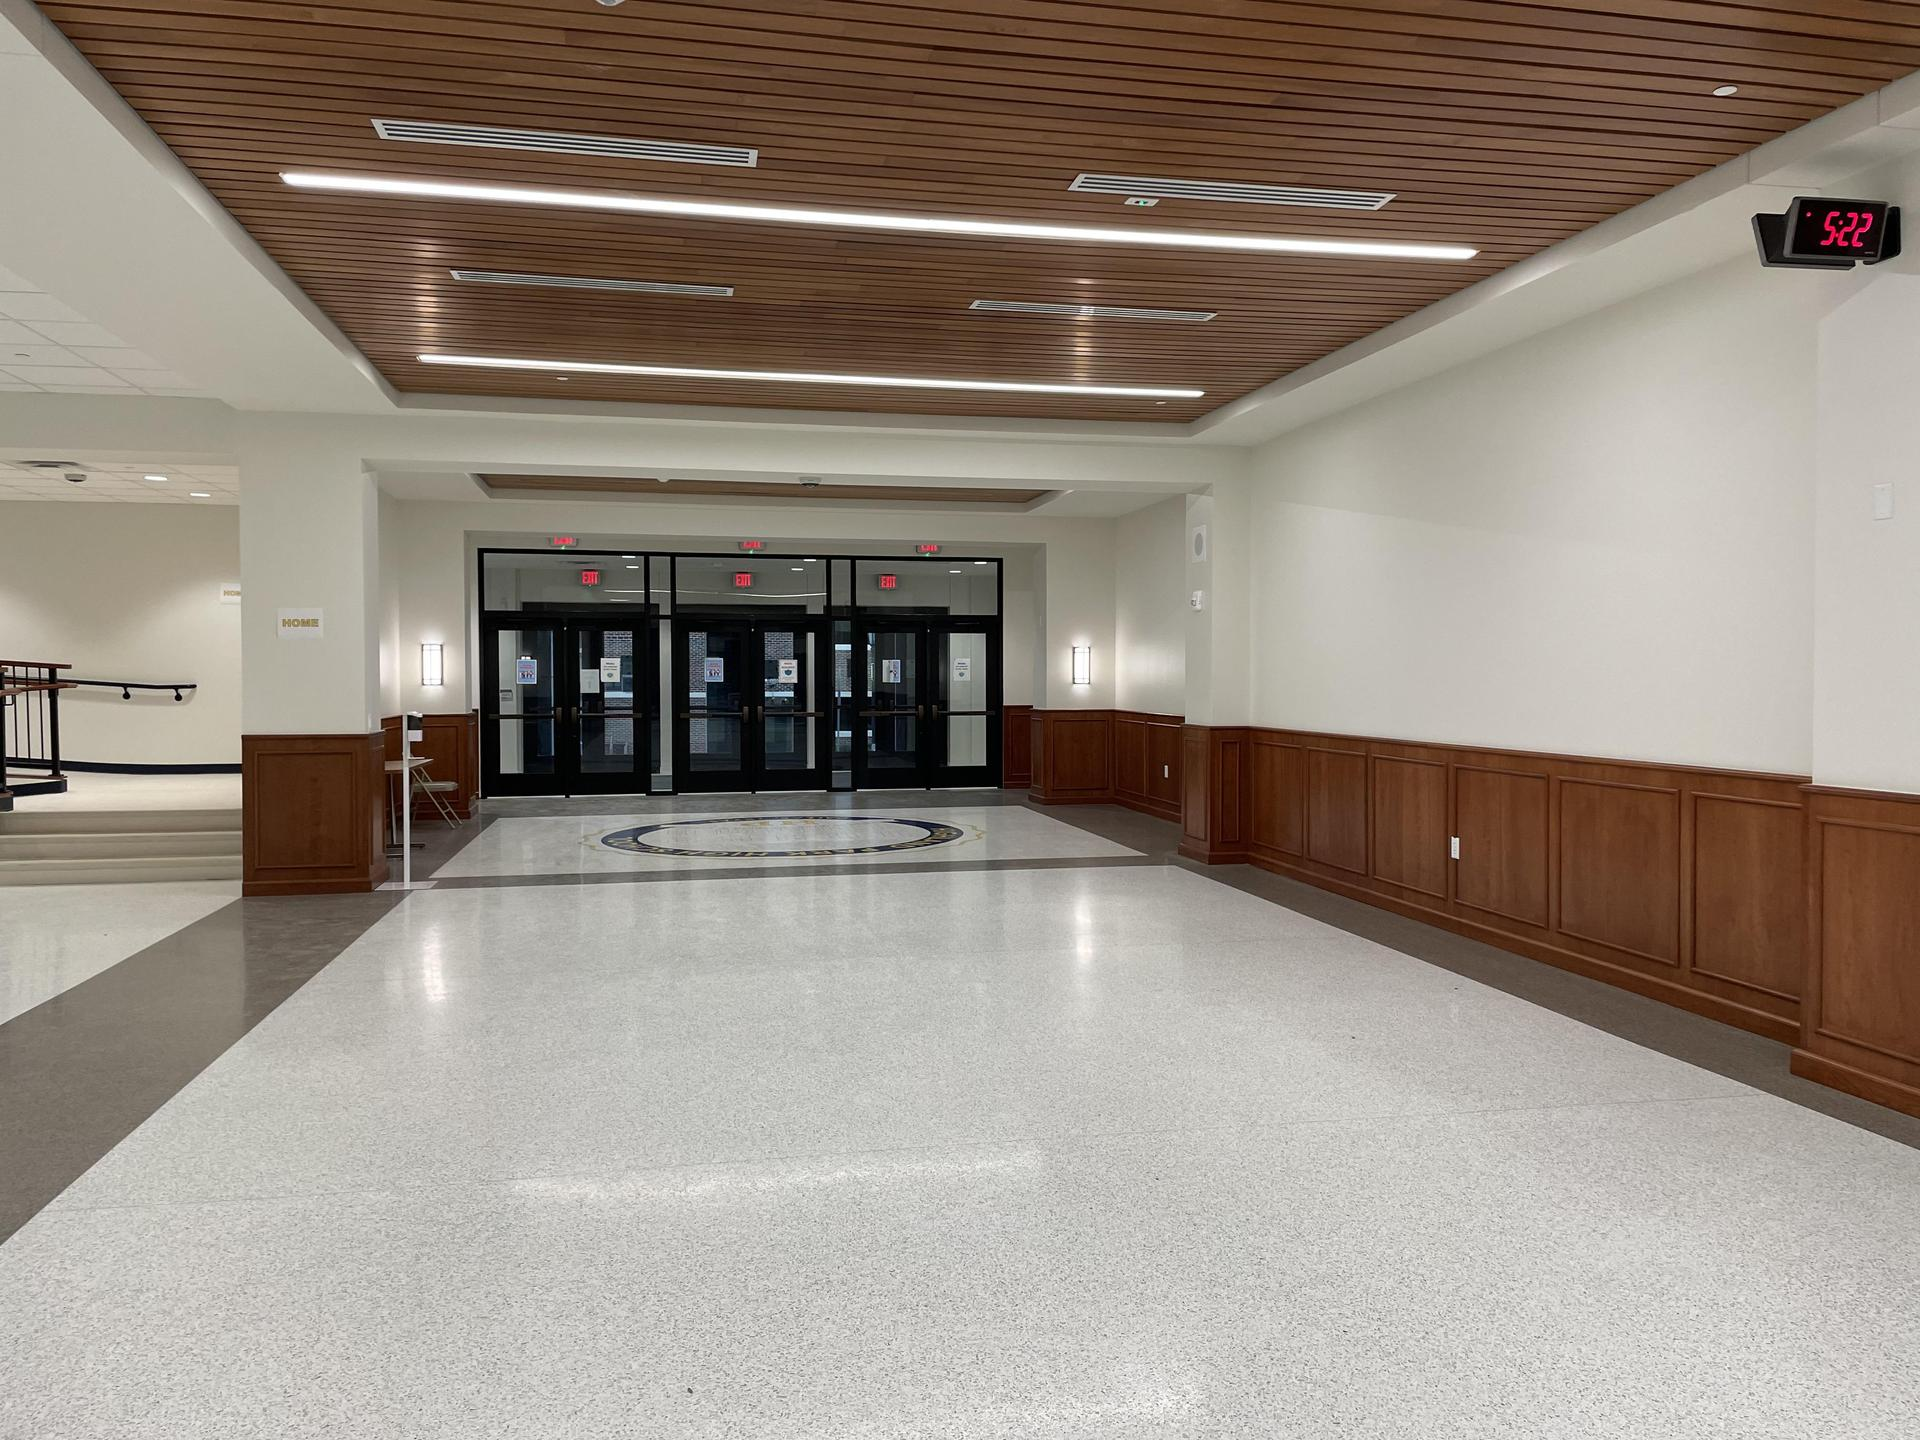 HPHS new entry hallway 1_012221